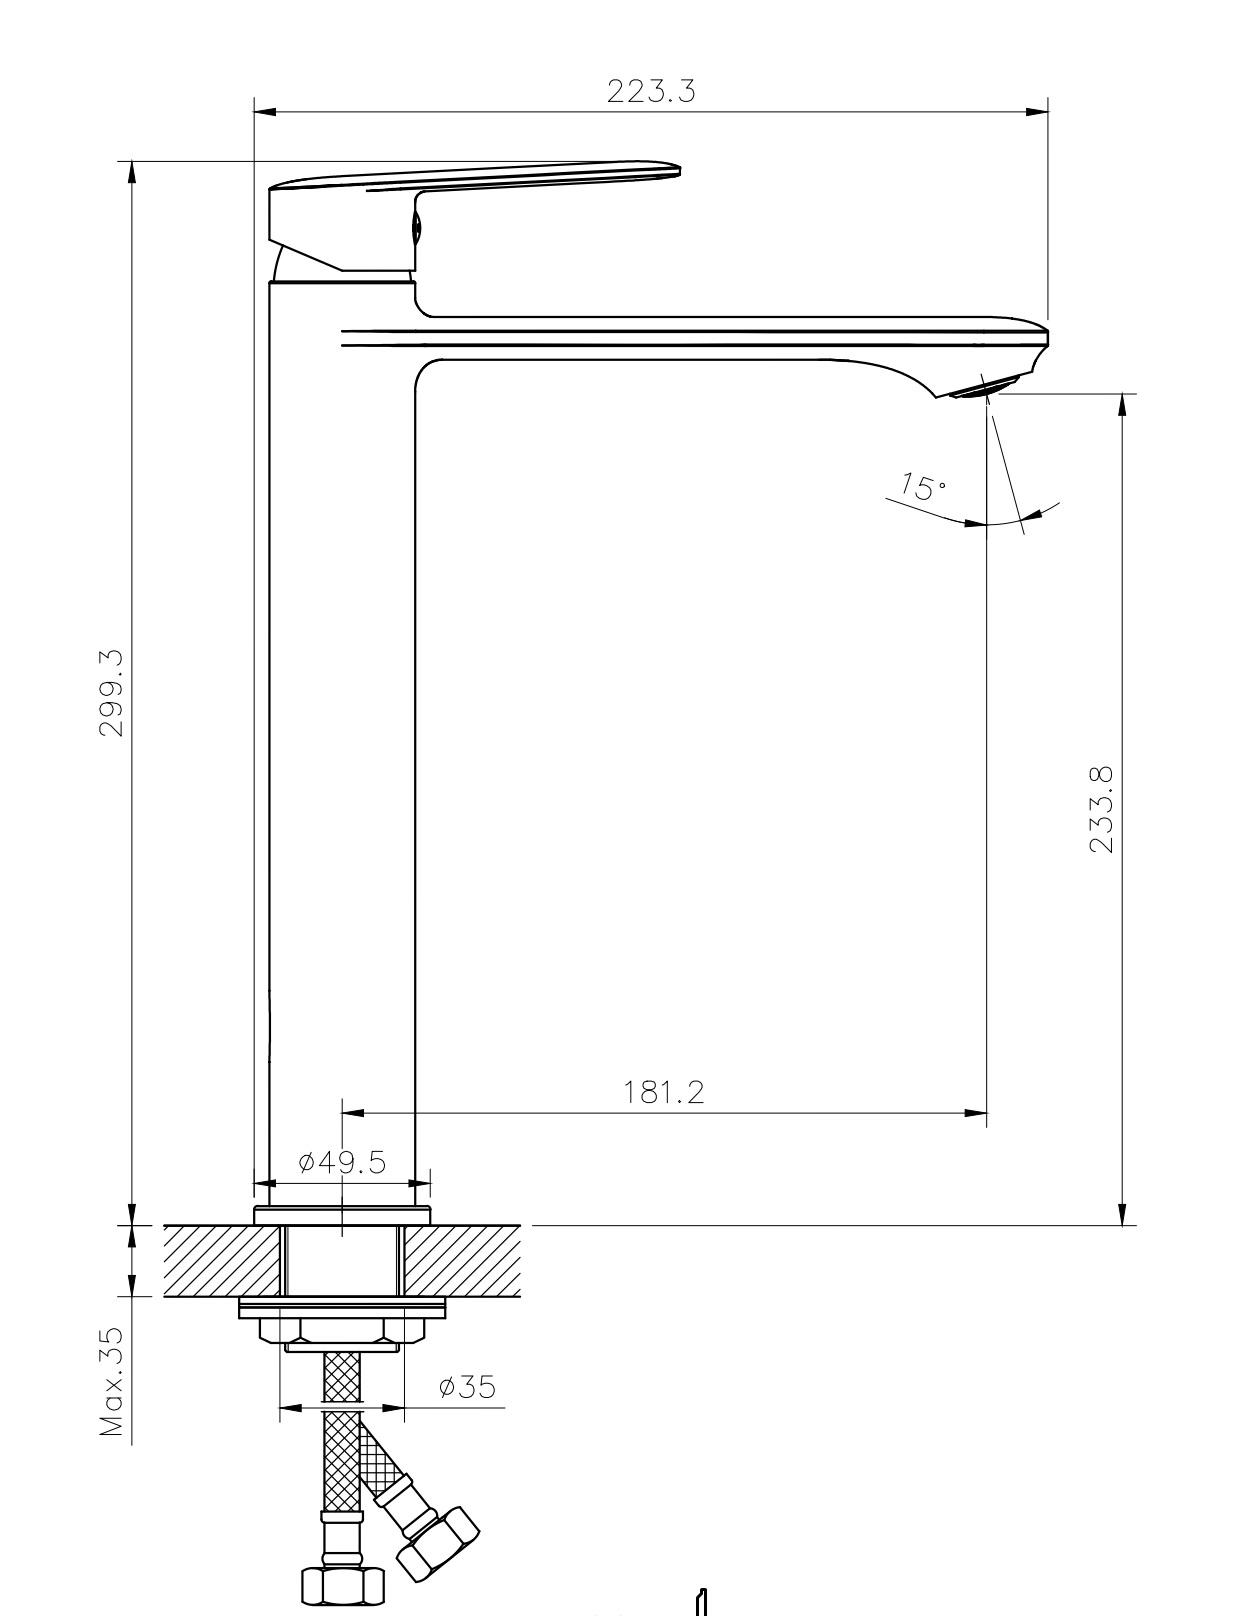 Misturador Monocomando Para Lavatório Bica Alta Dourada - KROMMA